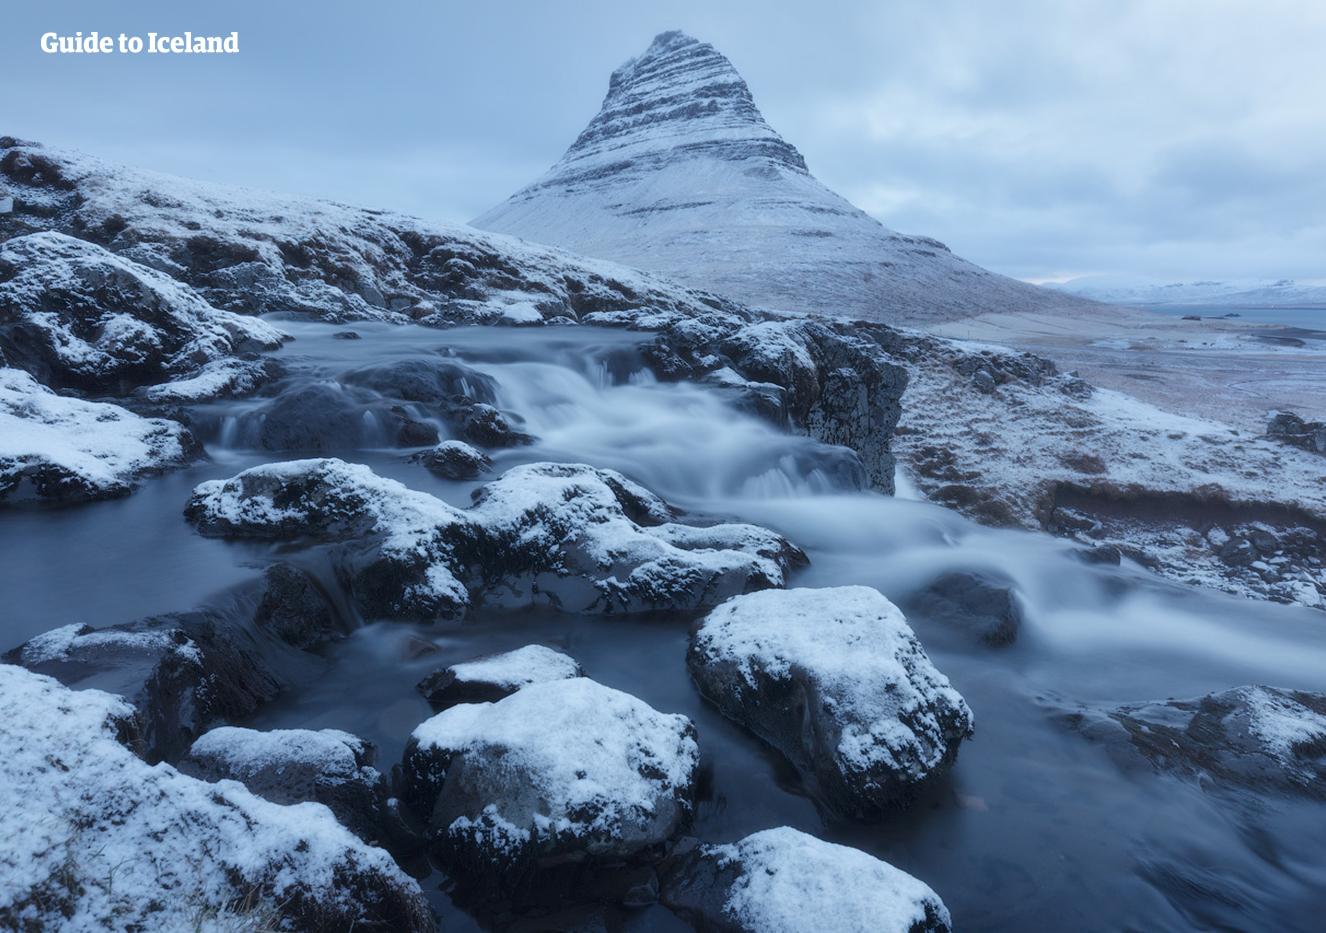 Der verschneite Berg Kirkjufell diente schon als Drehort 'nördlich der Mauer' in der Serie Game of Thrones.